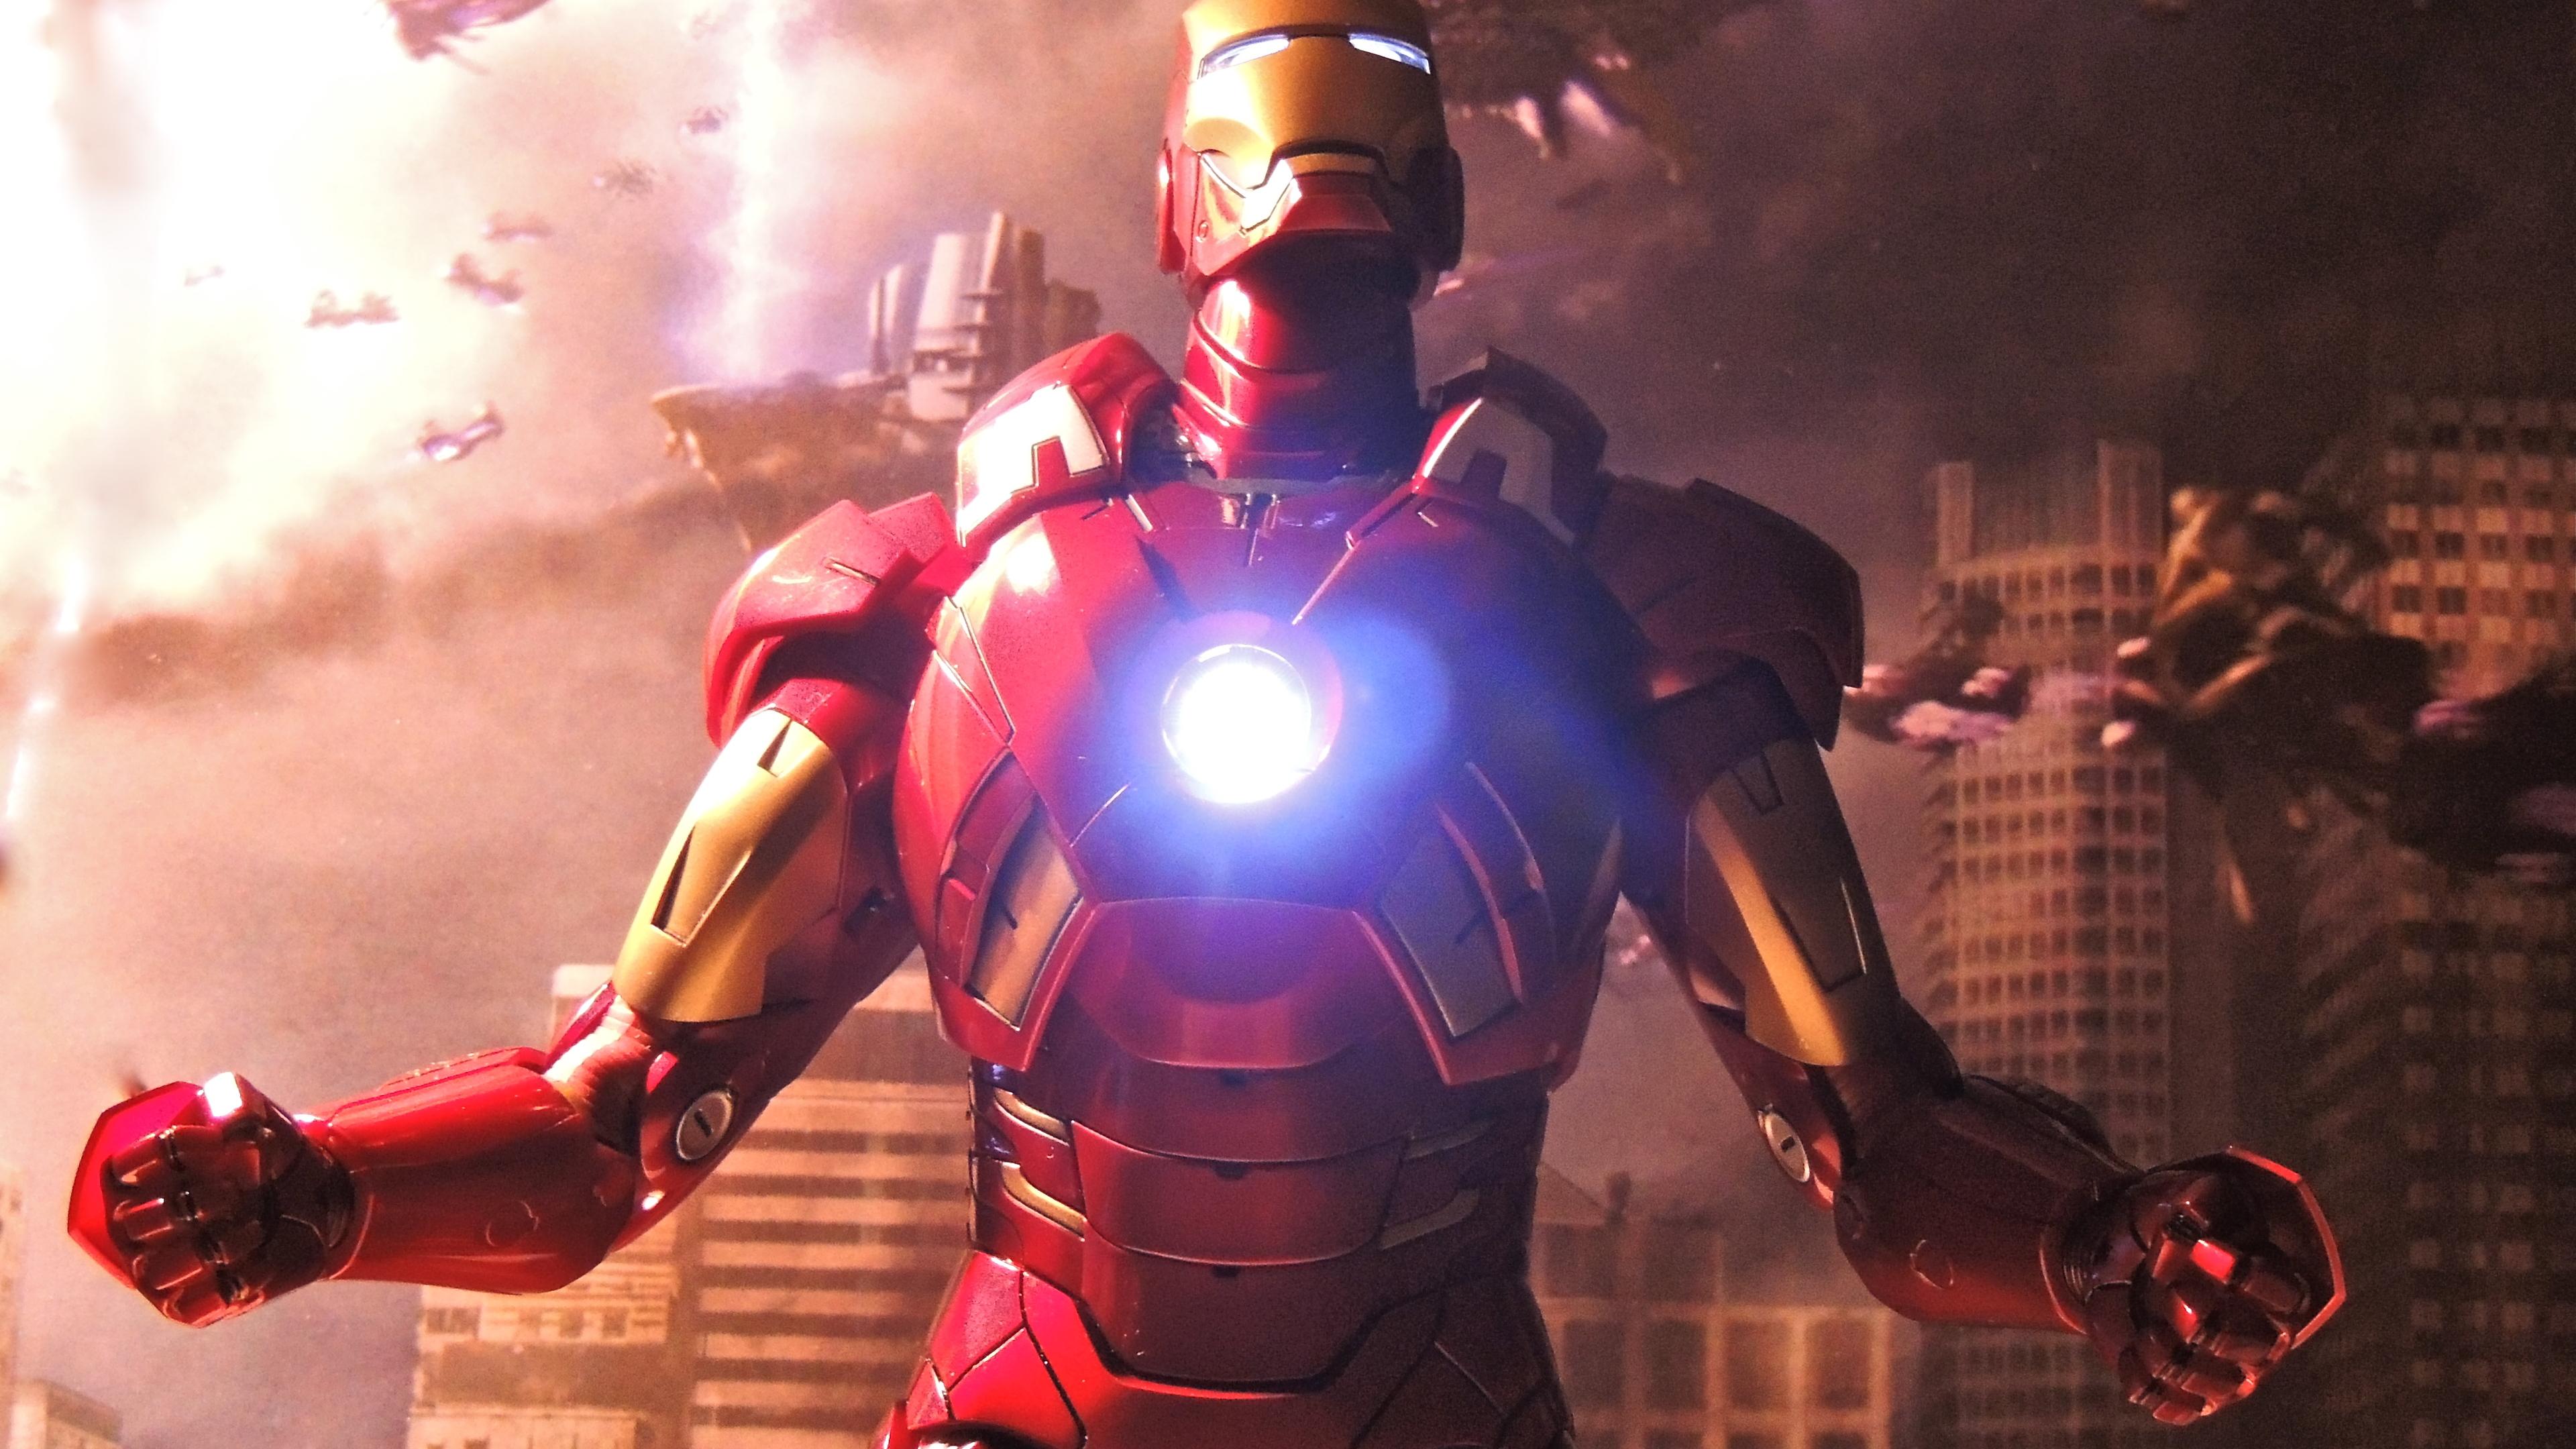 iron man 2018 5k artwork 1539452749 - Iron Man 2018 5k Artwork - superheroes wallpapers, iron man wallpapers, hd-wallpapers, deviantart wallpapers, artist wallpapers, 5k wallpapers, 4k-wallpapers